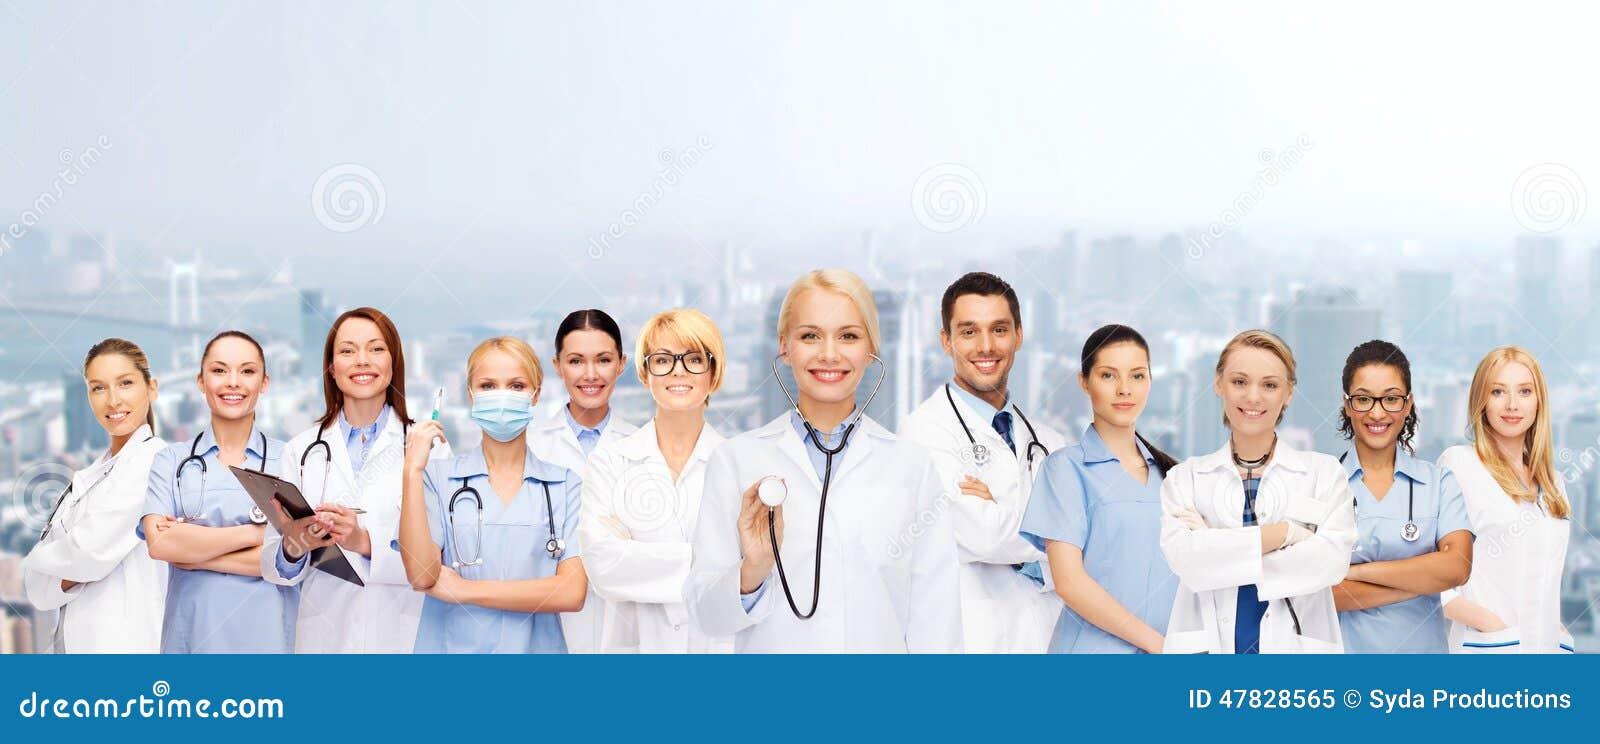 medicinska studenter dating sjuk sköterskor